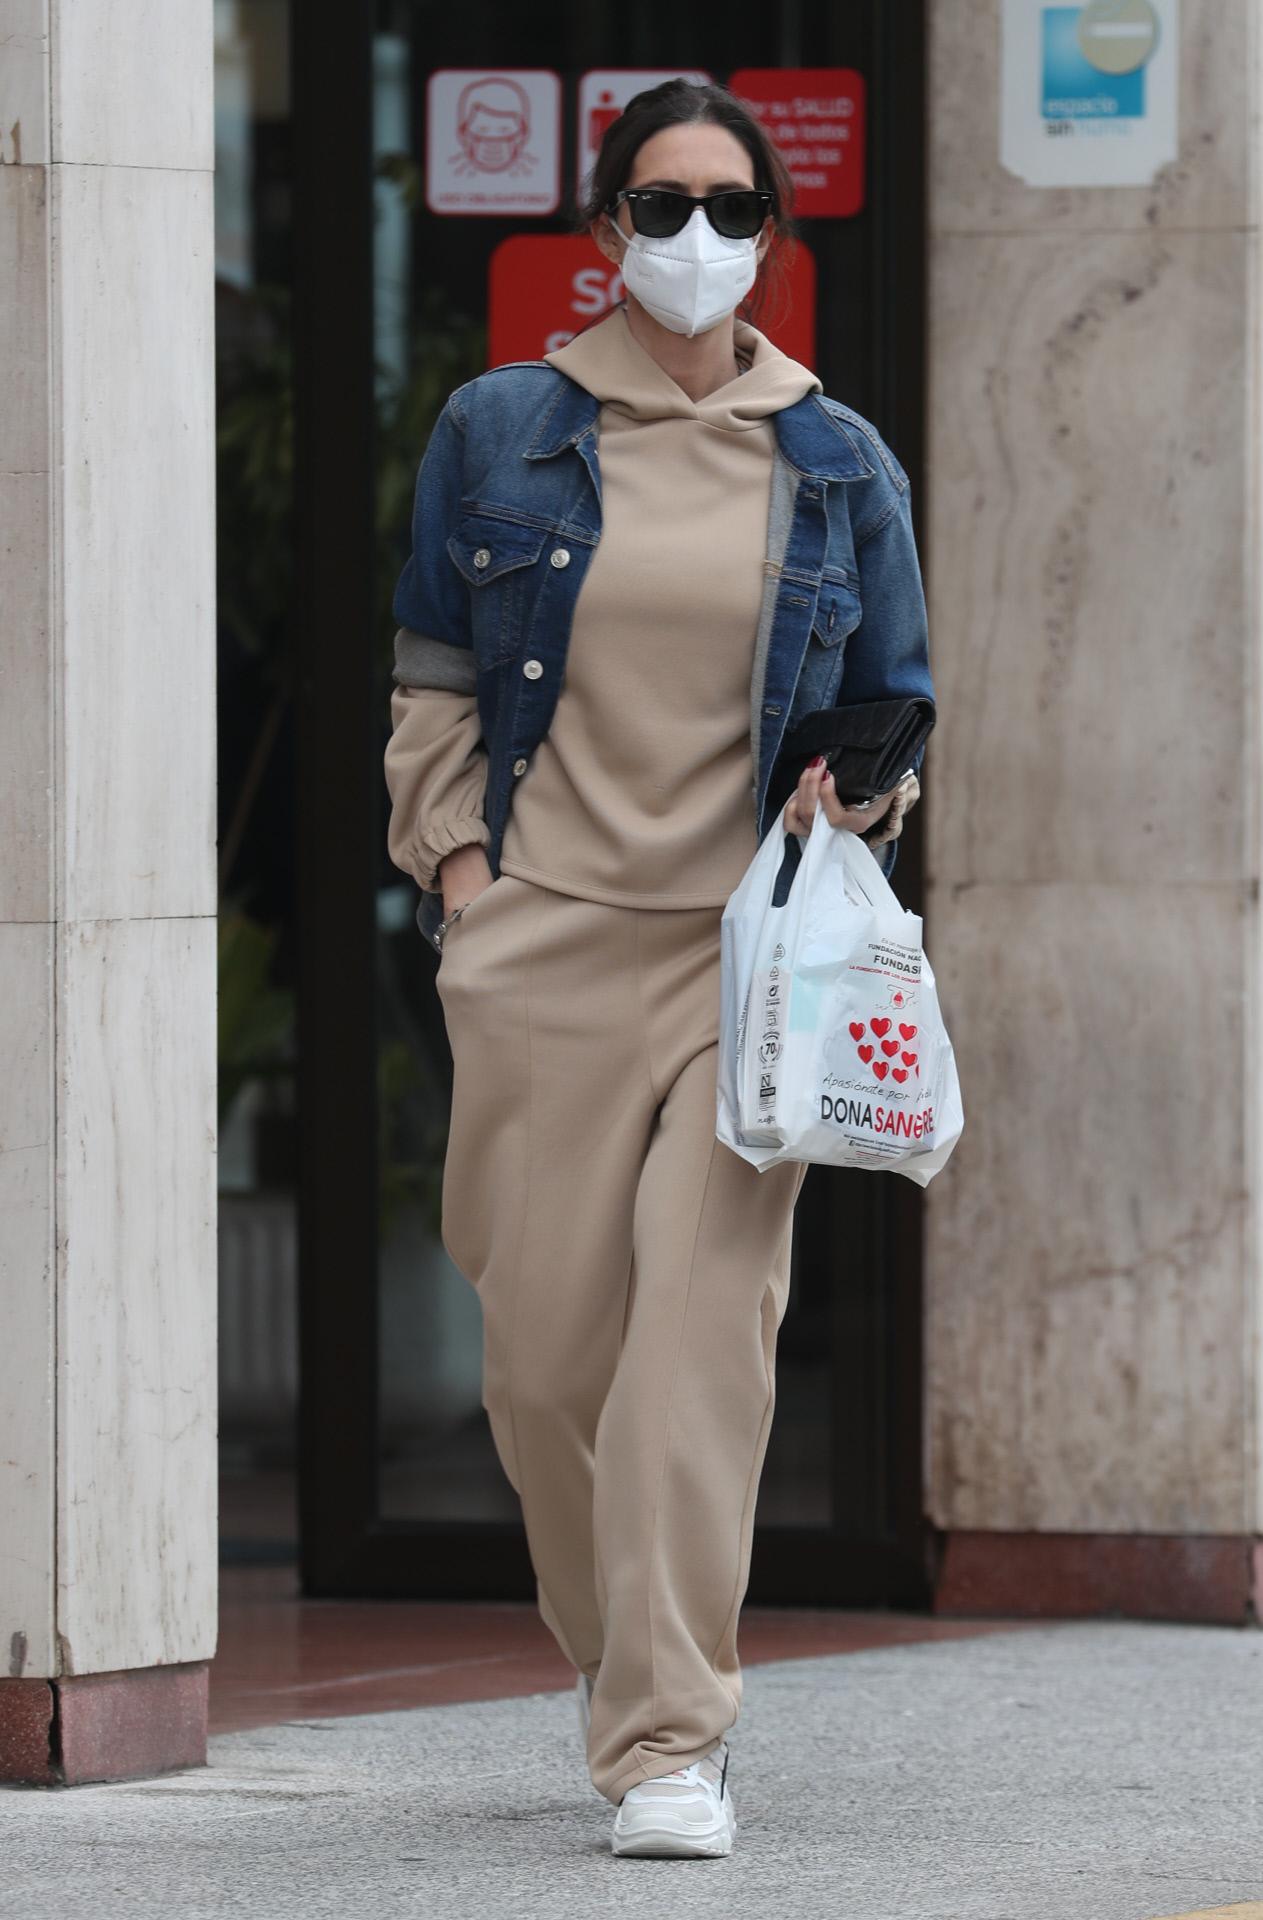 El look de Sara Carbonero, con chándal y chaqueta vaquera.